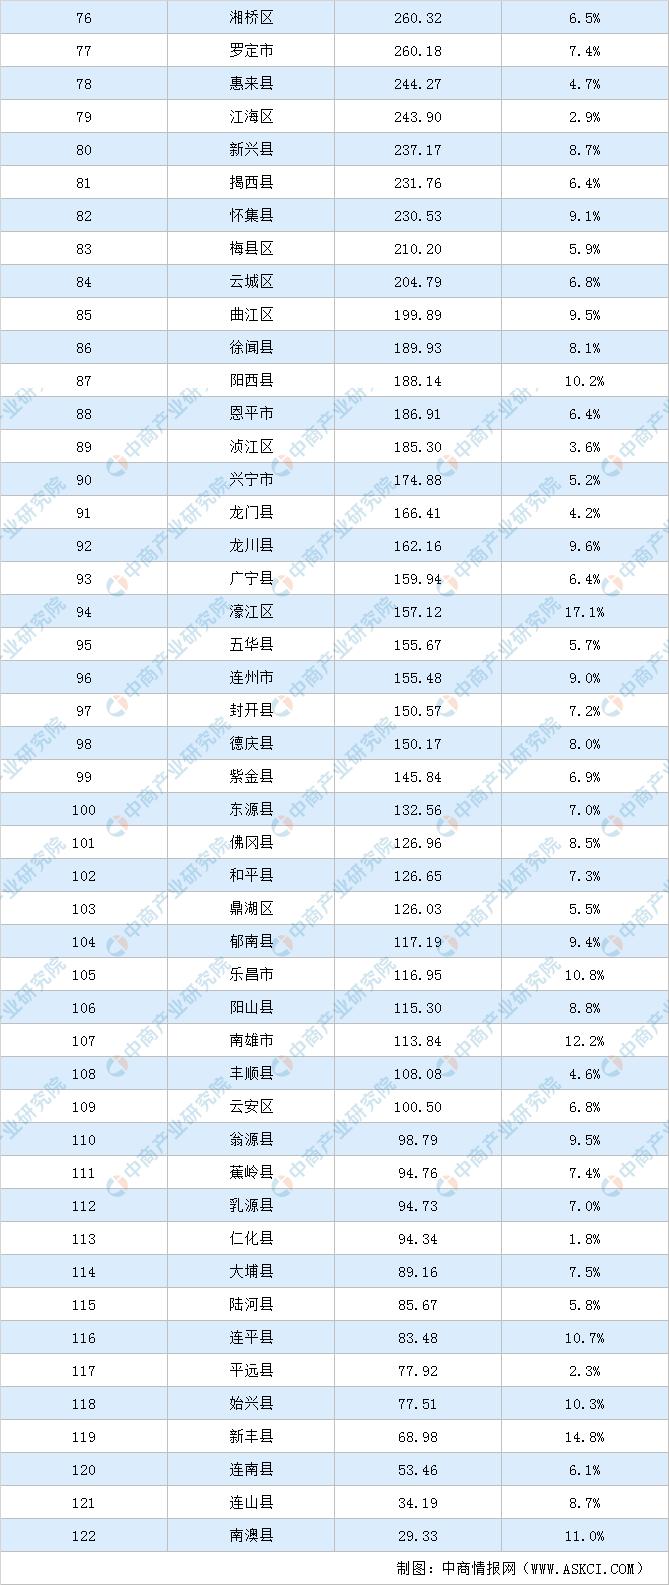 2019年湖北各县gdp_2020湖北城市gdp